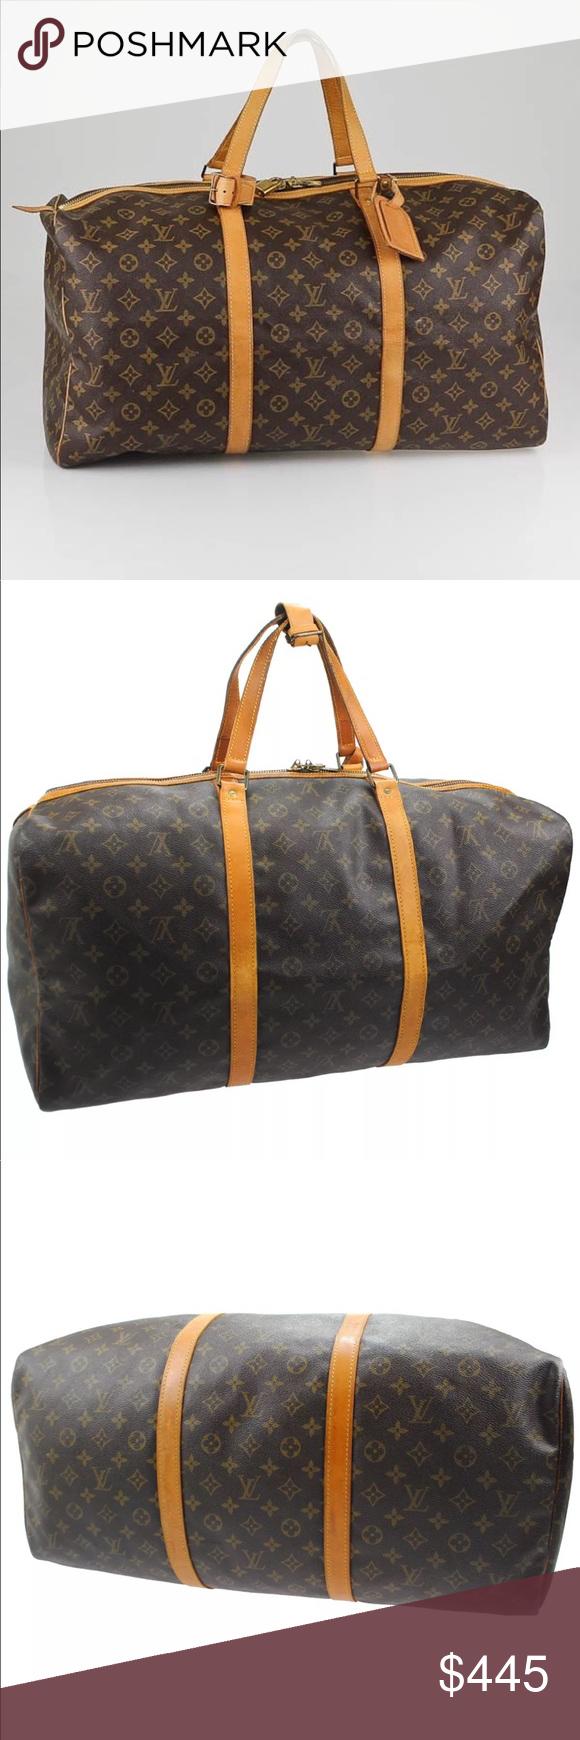 Authentic Louis Vuitton Sac Souple 55 Travel This vintage Louis Vuitton  Monogram Canvas Sac Souple is 9b8ef0519dd37